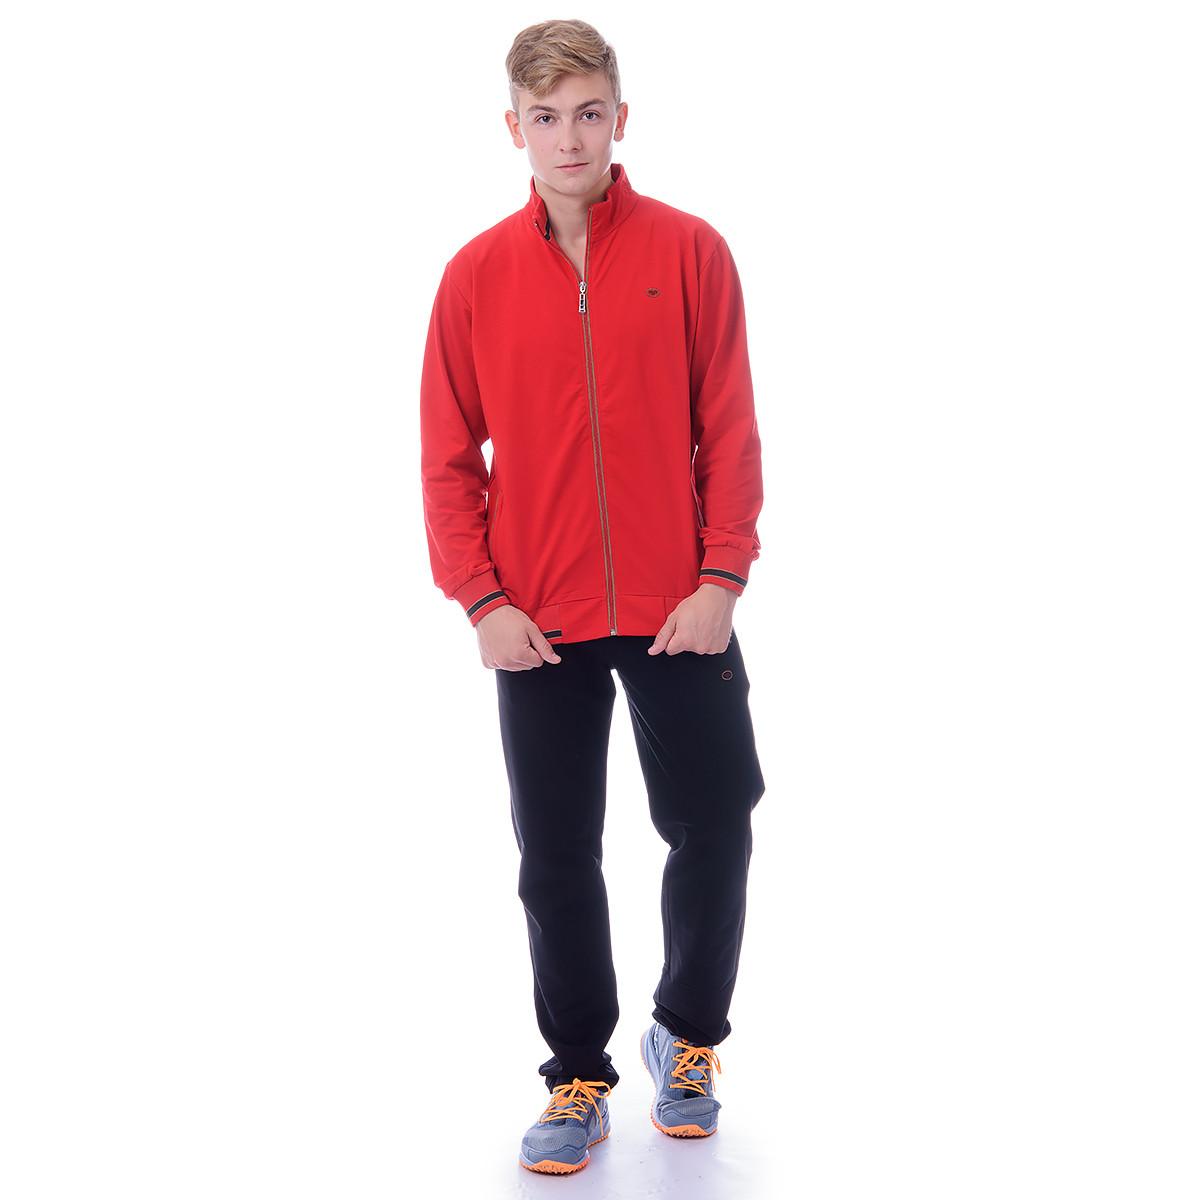 Спортивный костюм мужской интернет магазин костюмов т.м. PIYERA 7023-5